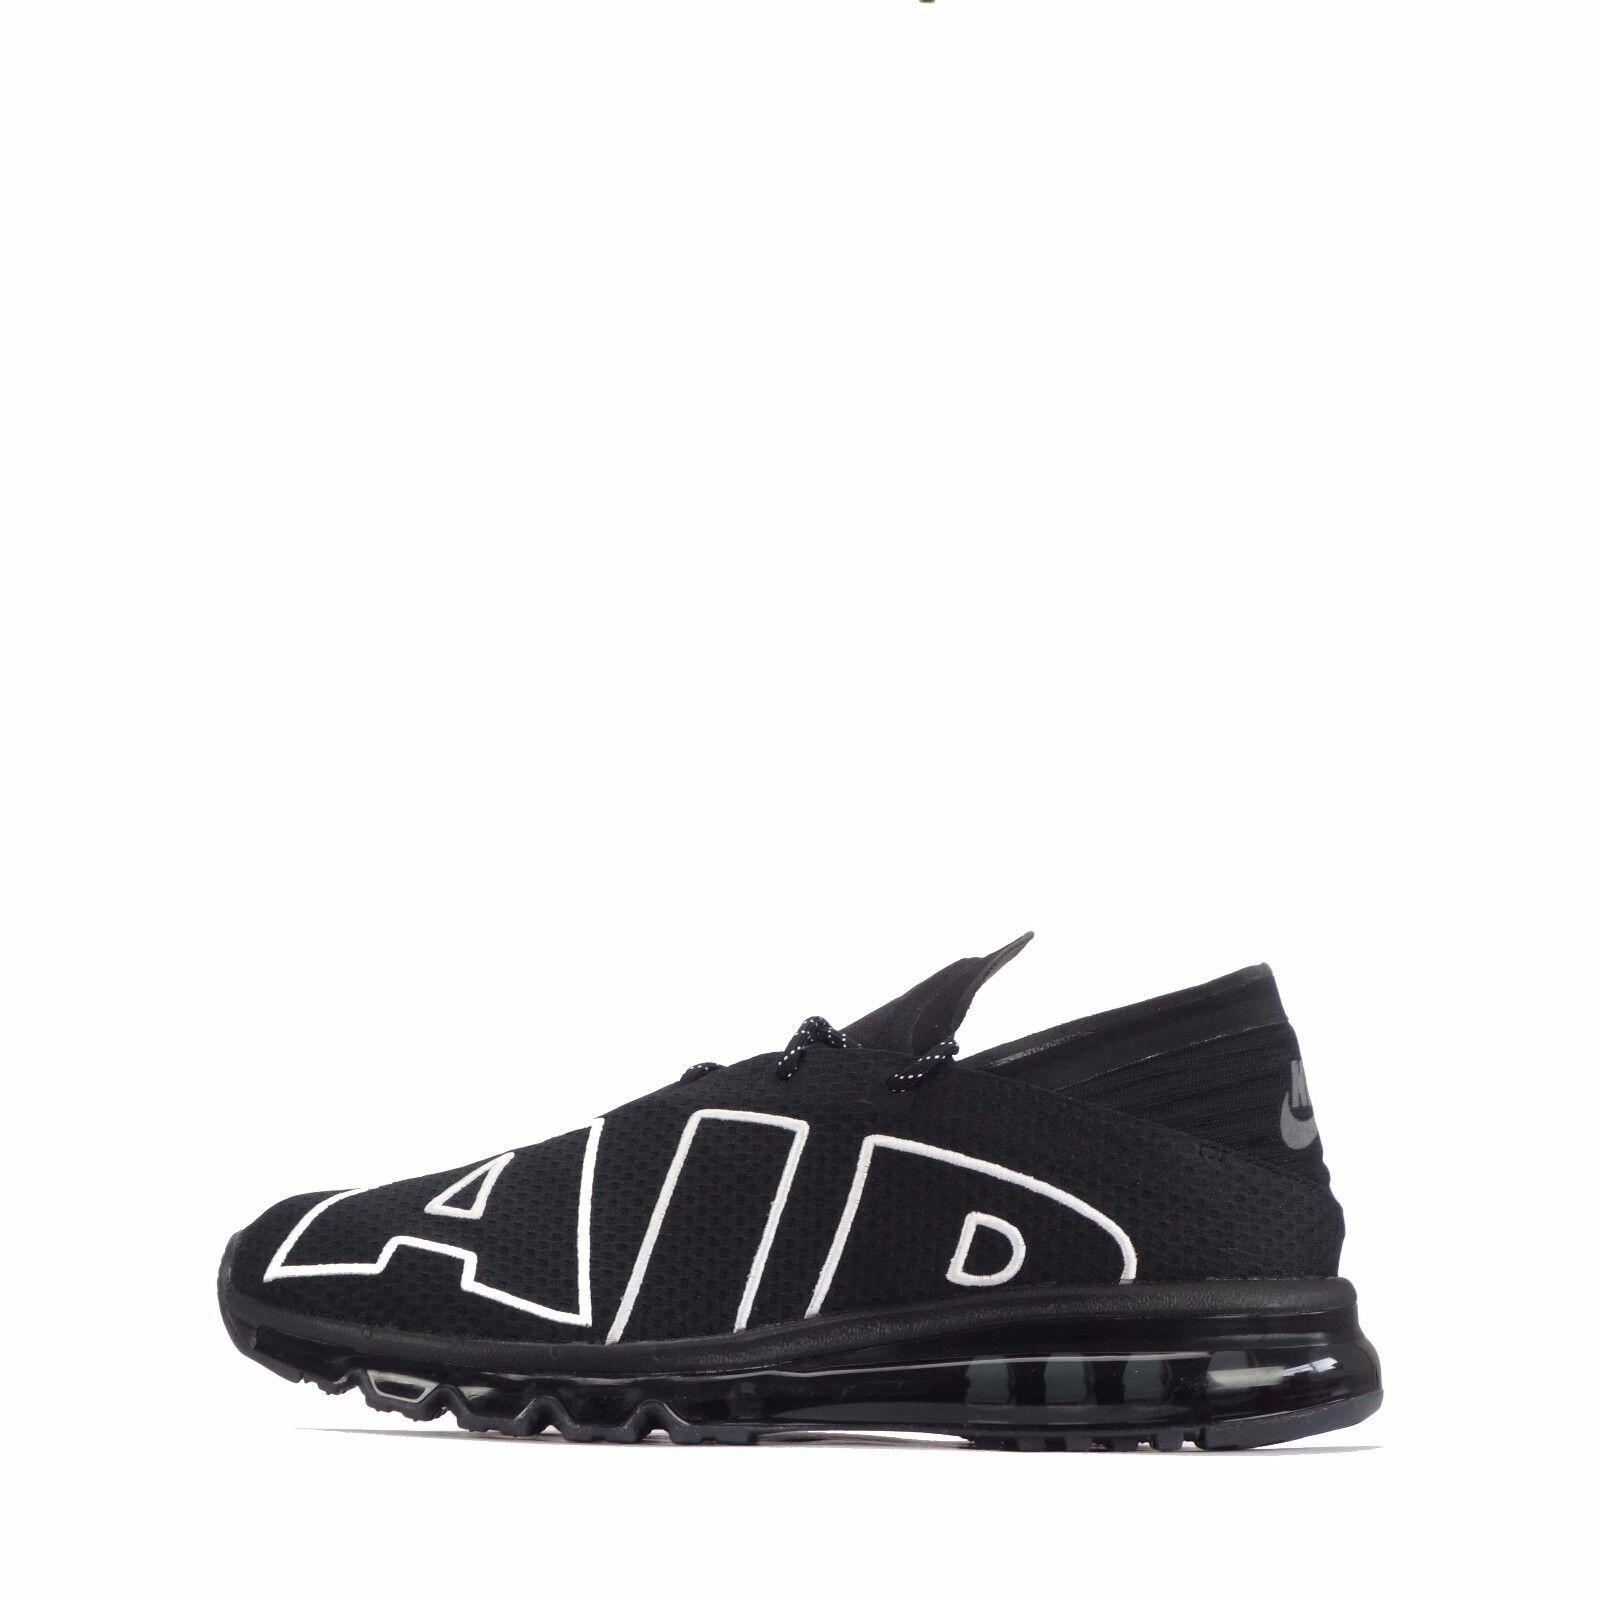 Nike Air Max Flair Men's scarpe Trainers  nero  bianca  ci sono più marche di prodotti di alta qualità